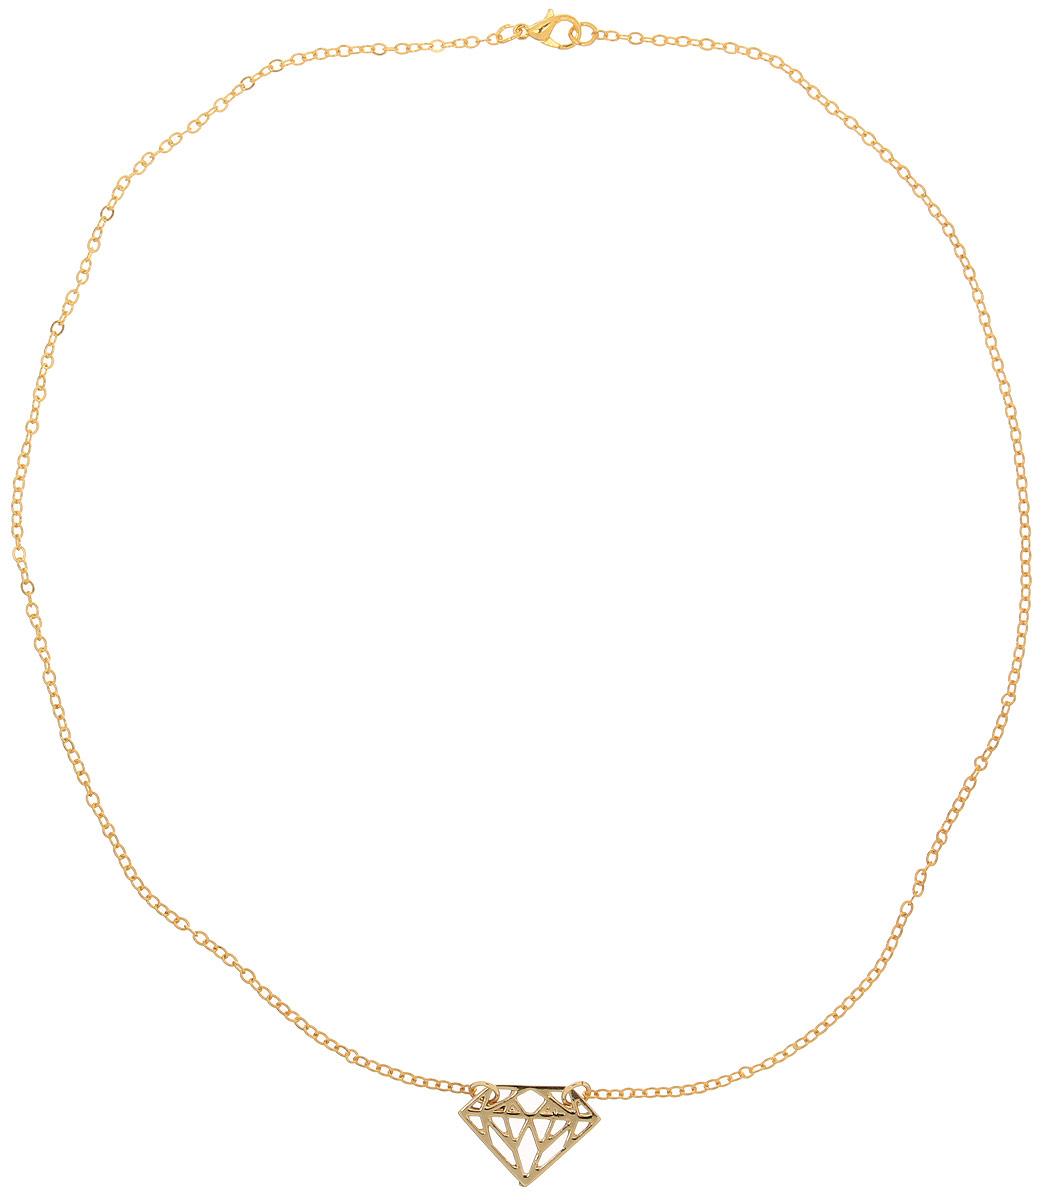 Jenavi, Коллекция Young 2, Эпик (Кулон), цвет - золотой